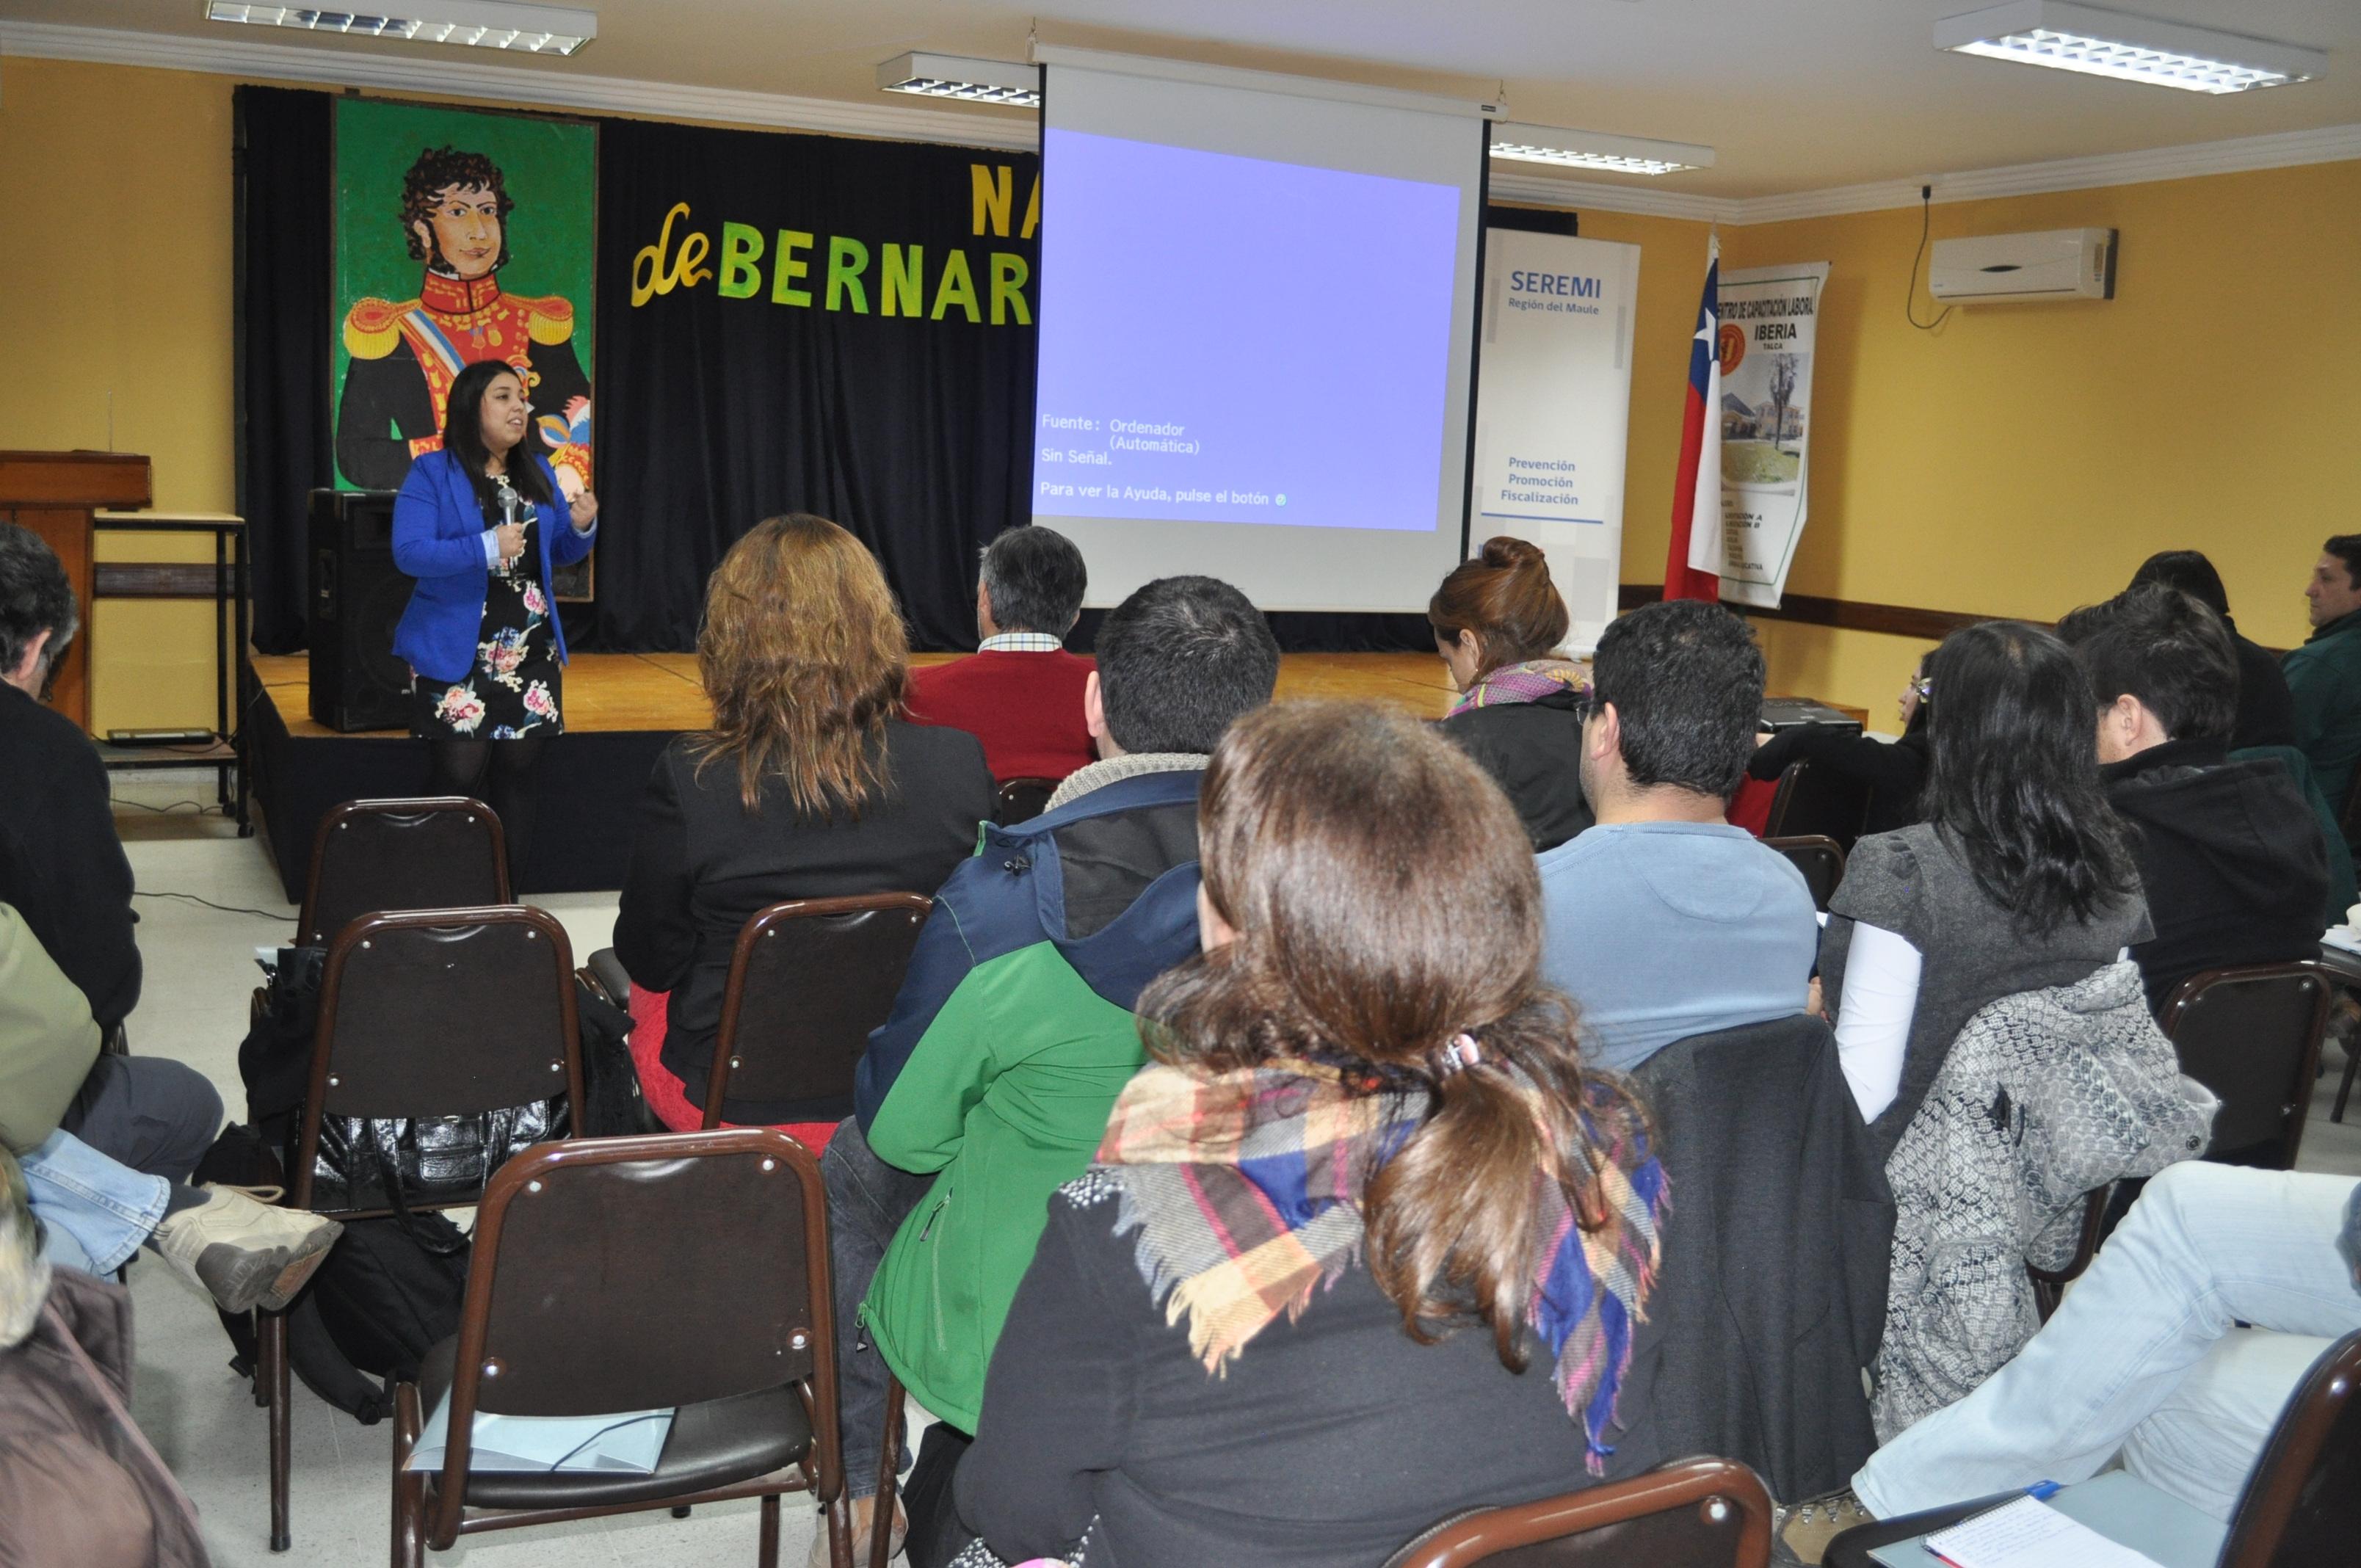 Seremi de salud realiza exitoso seminario de Zoonosis en Talca